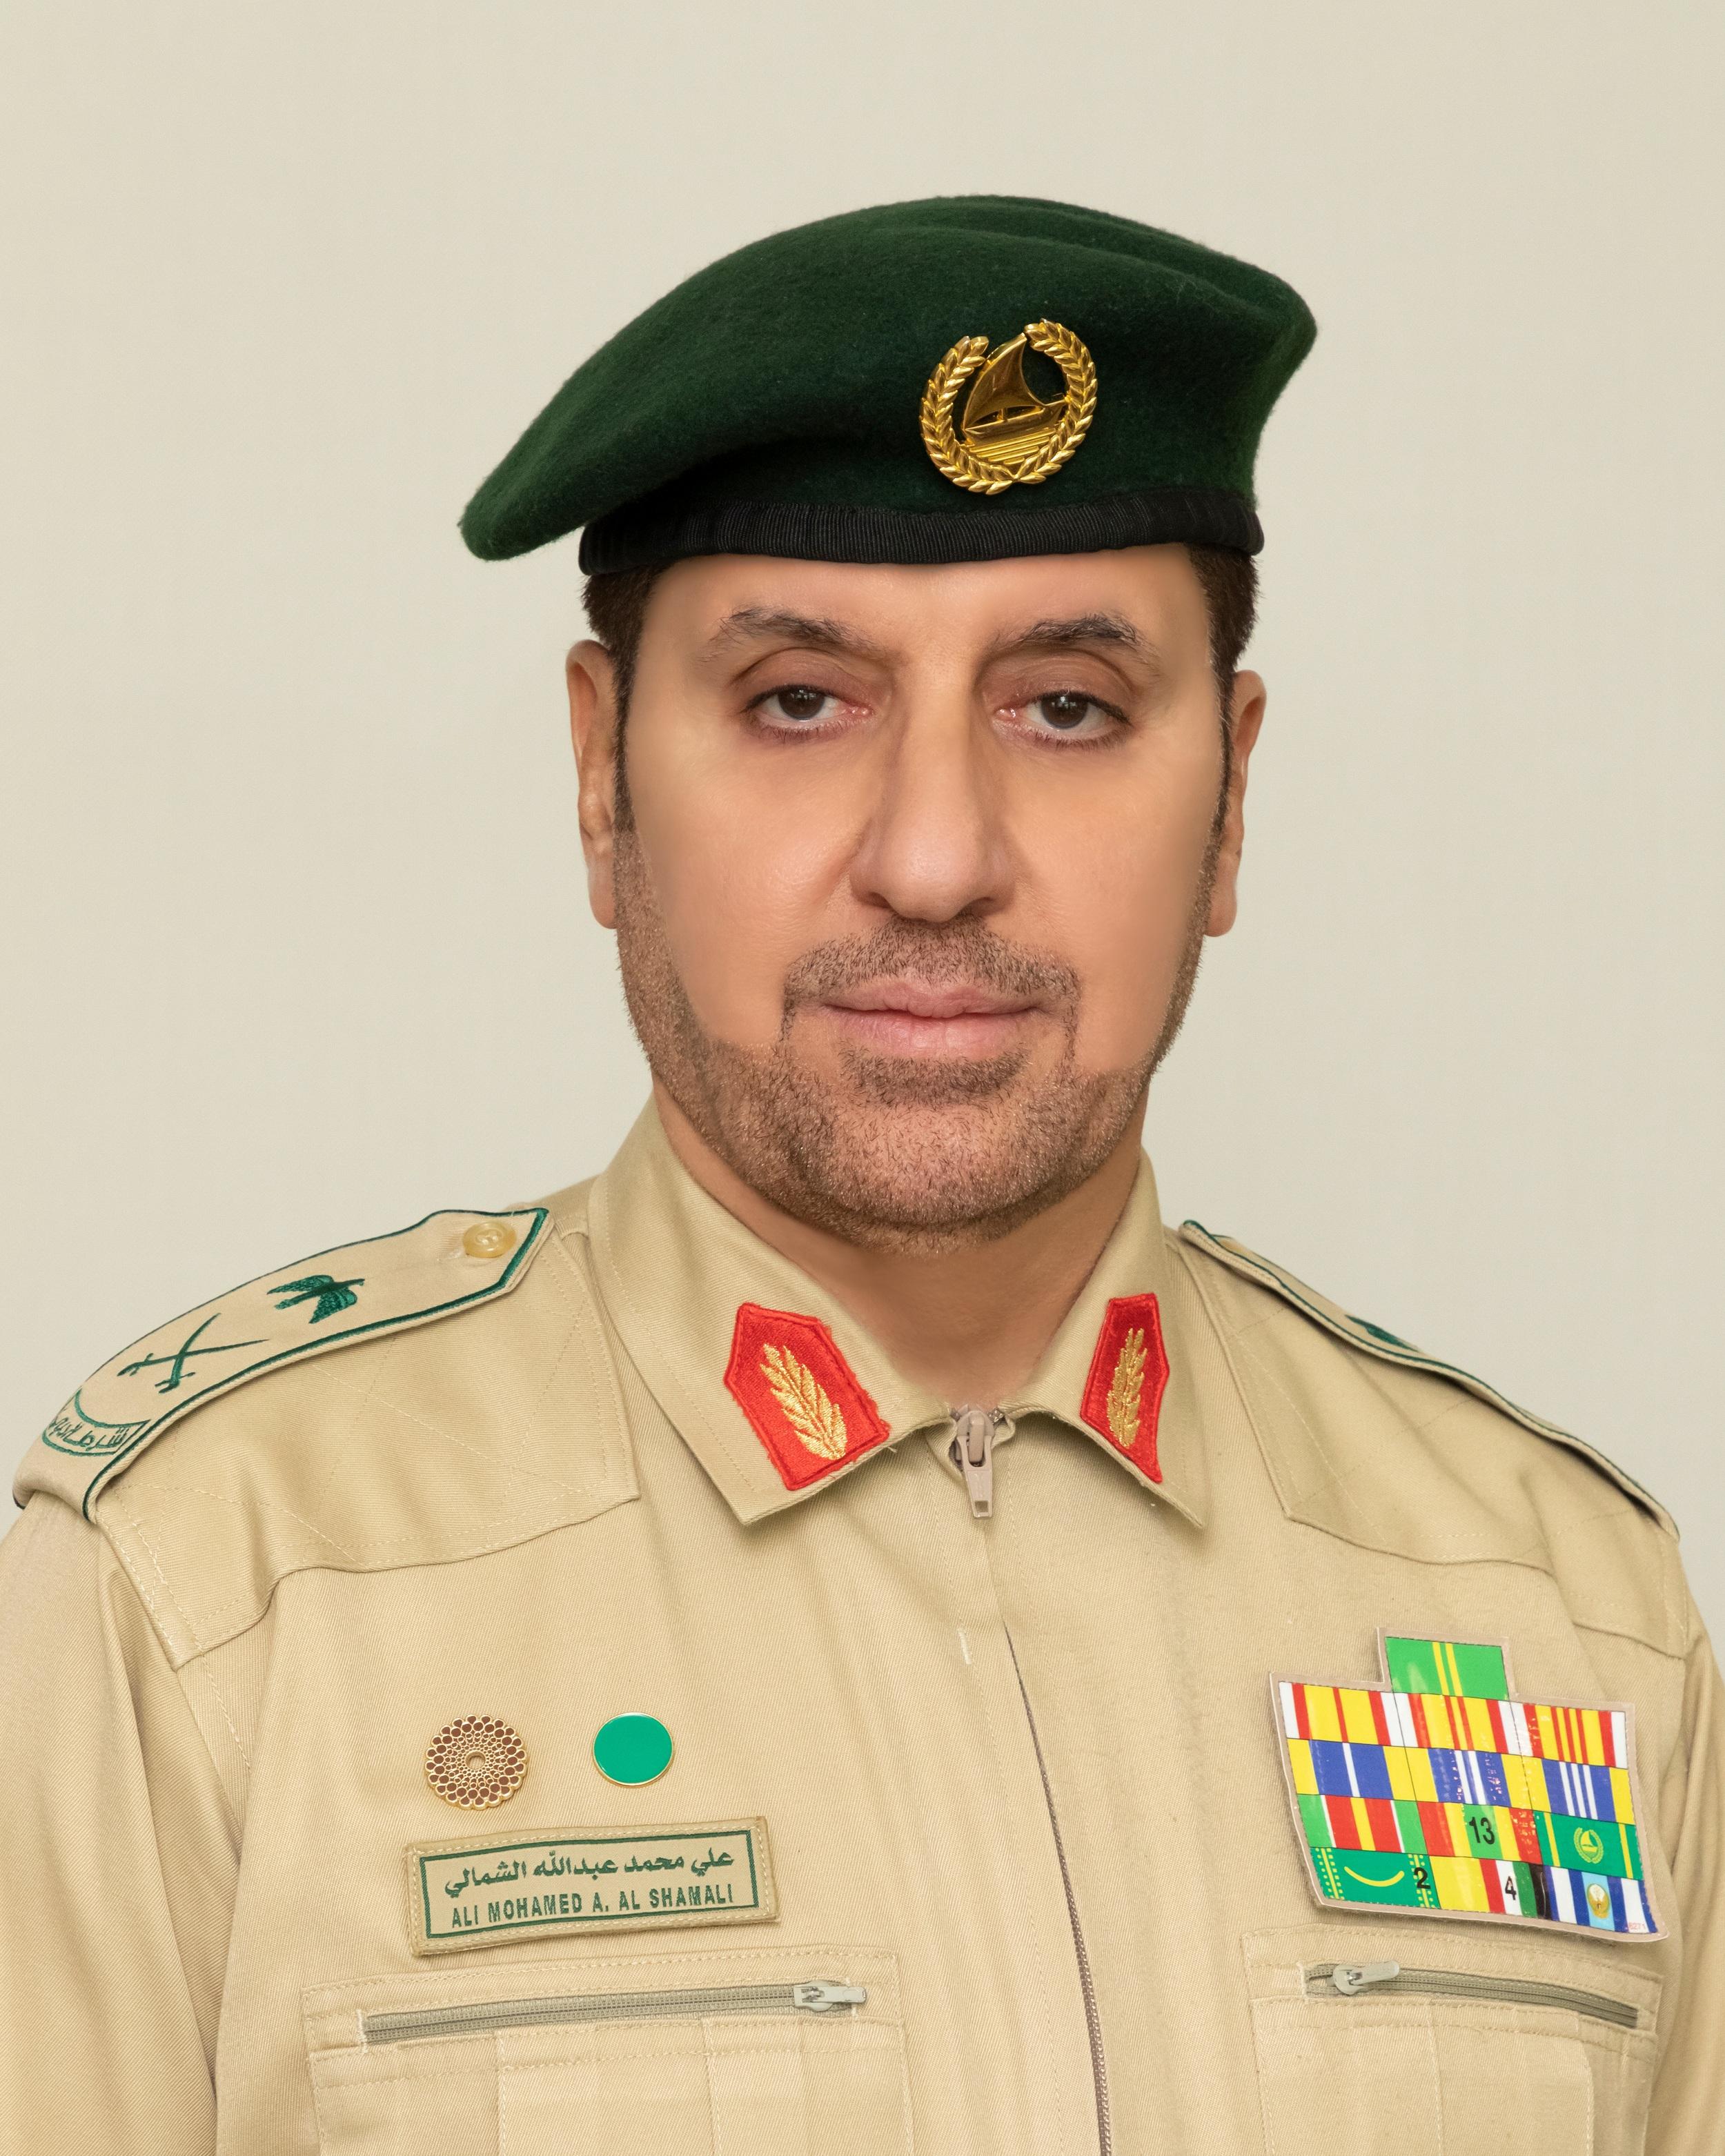 اللواء علي محمد الشمالي